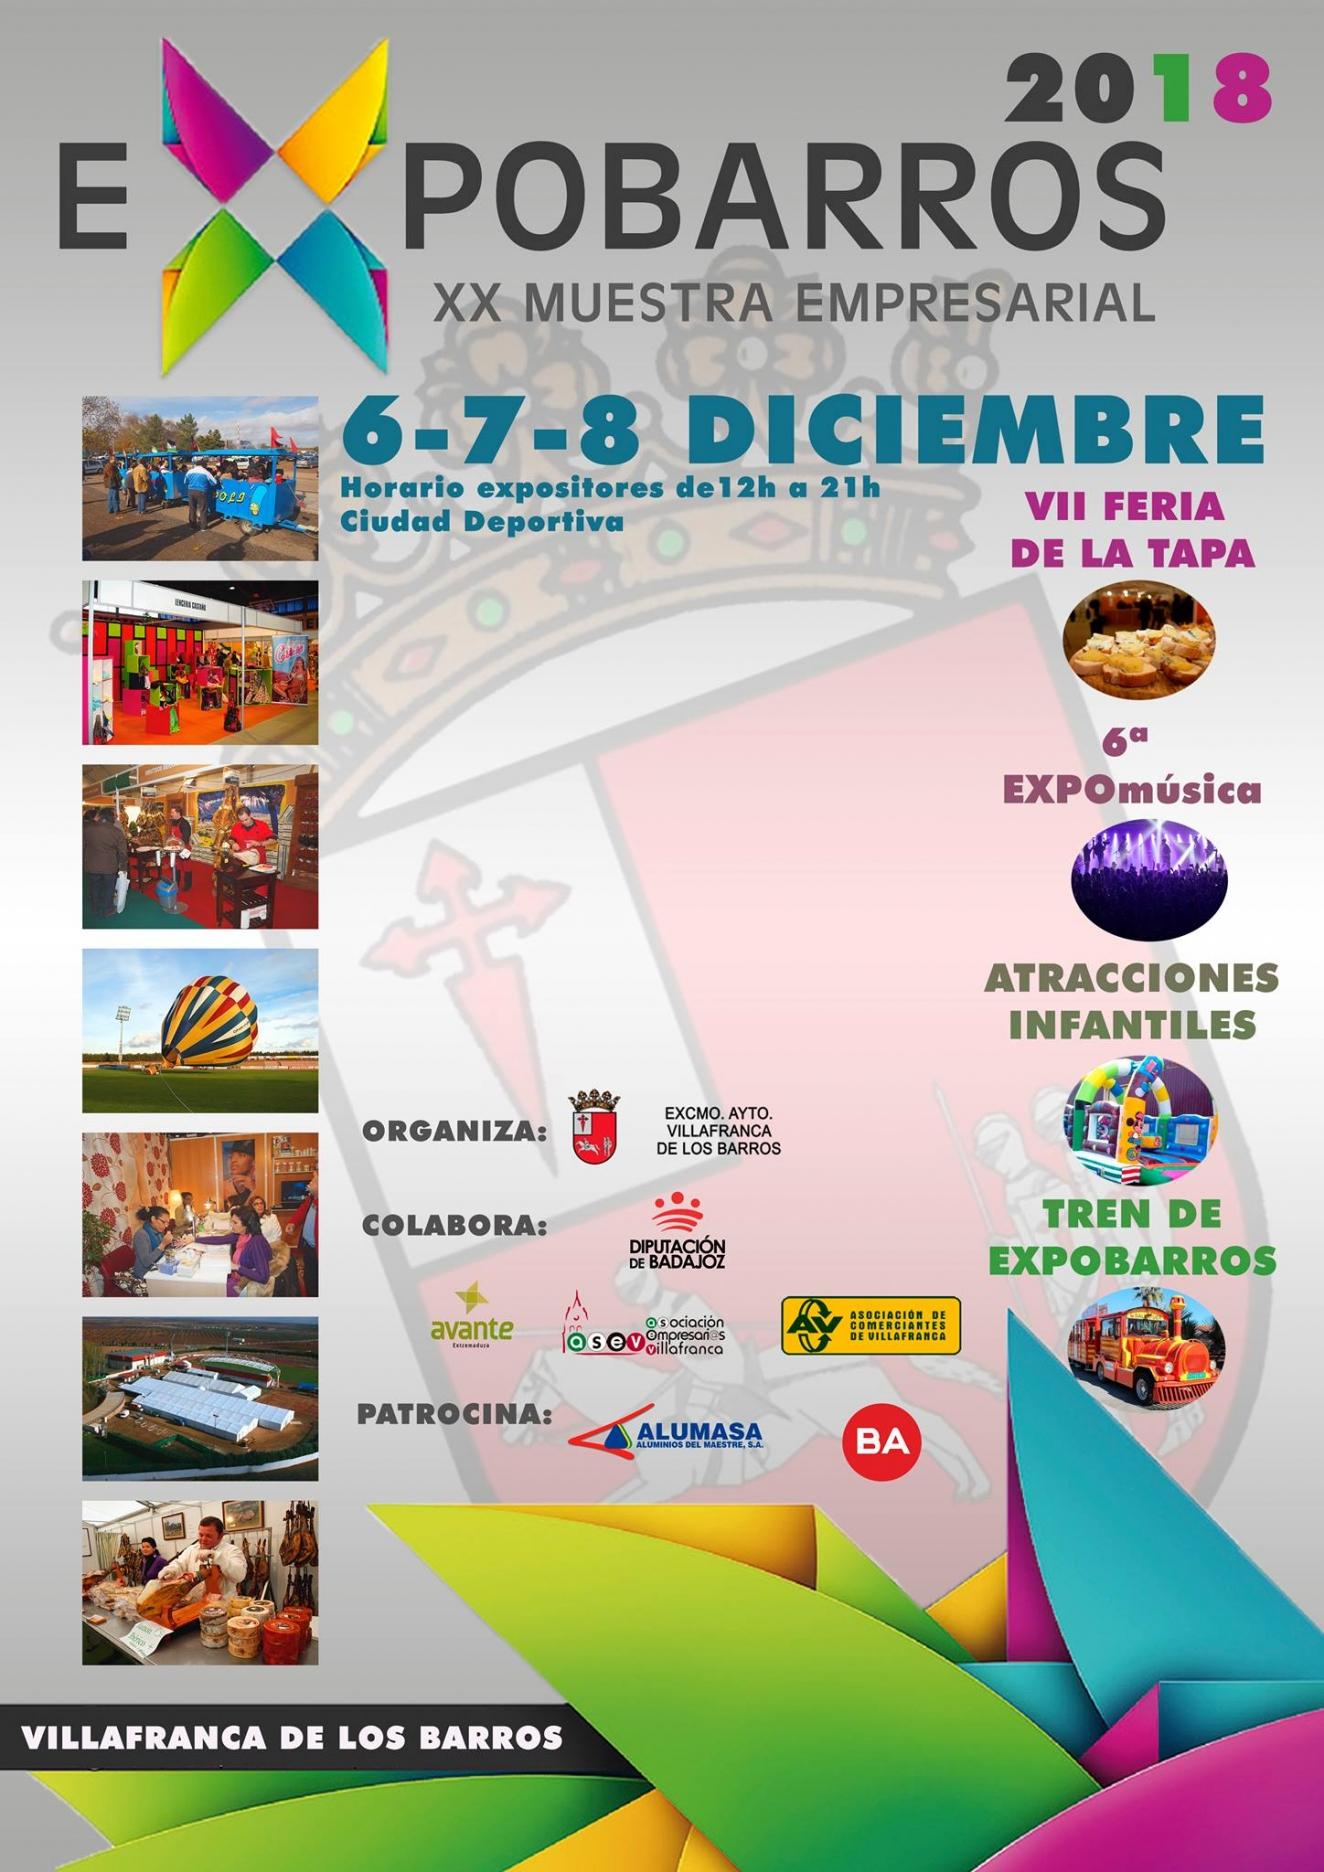 Expobarros XX muestra empresarial